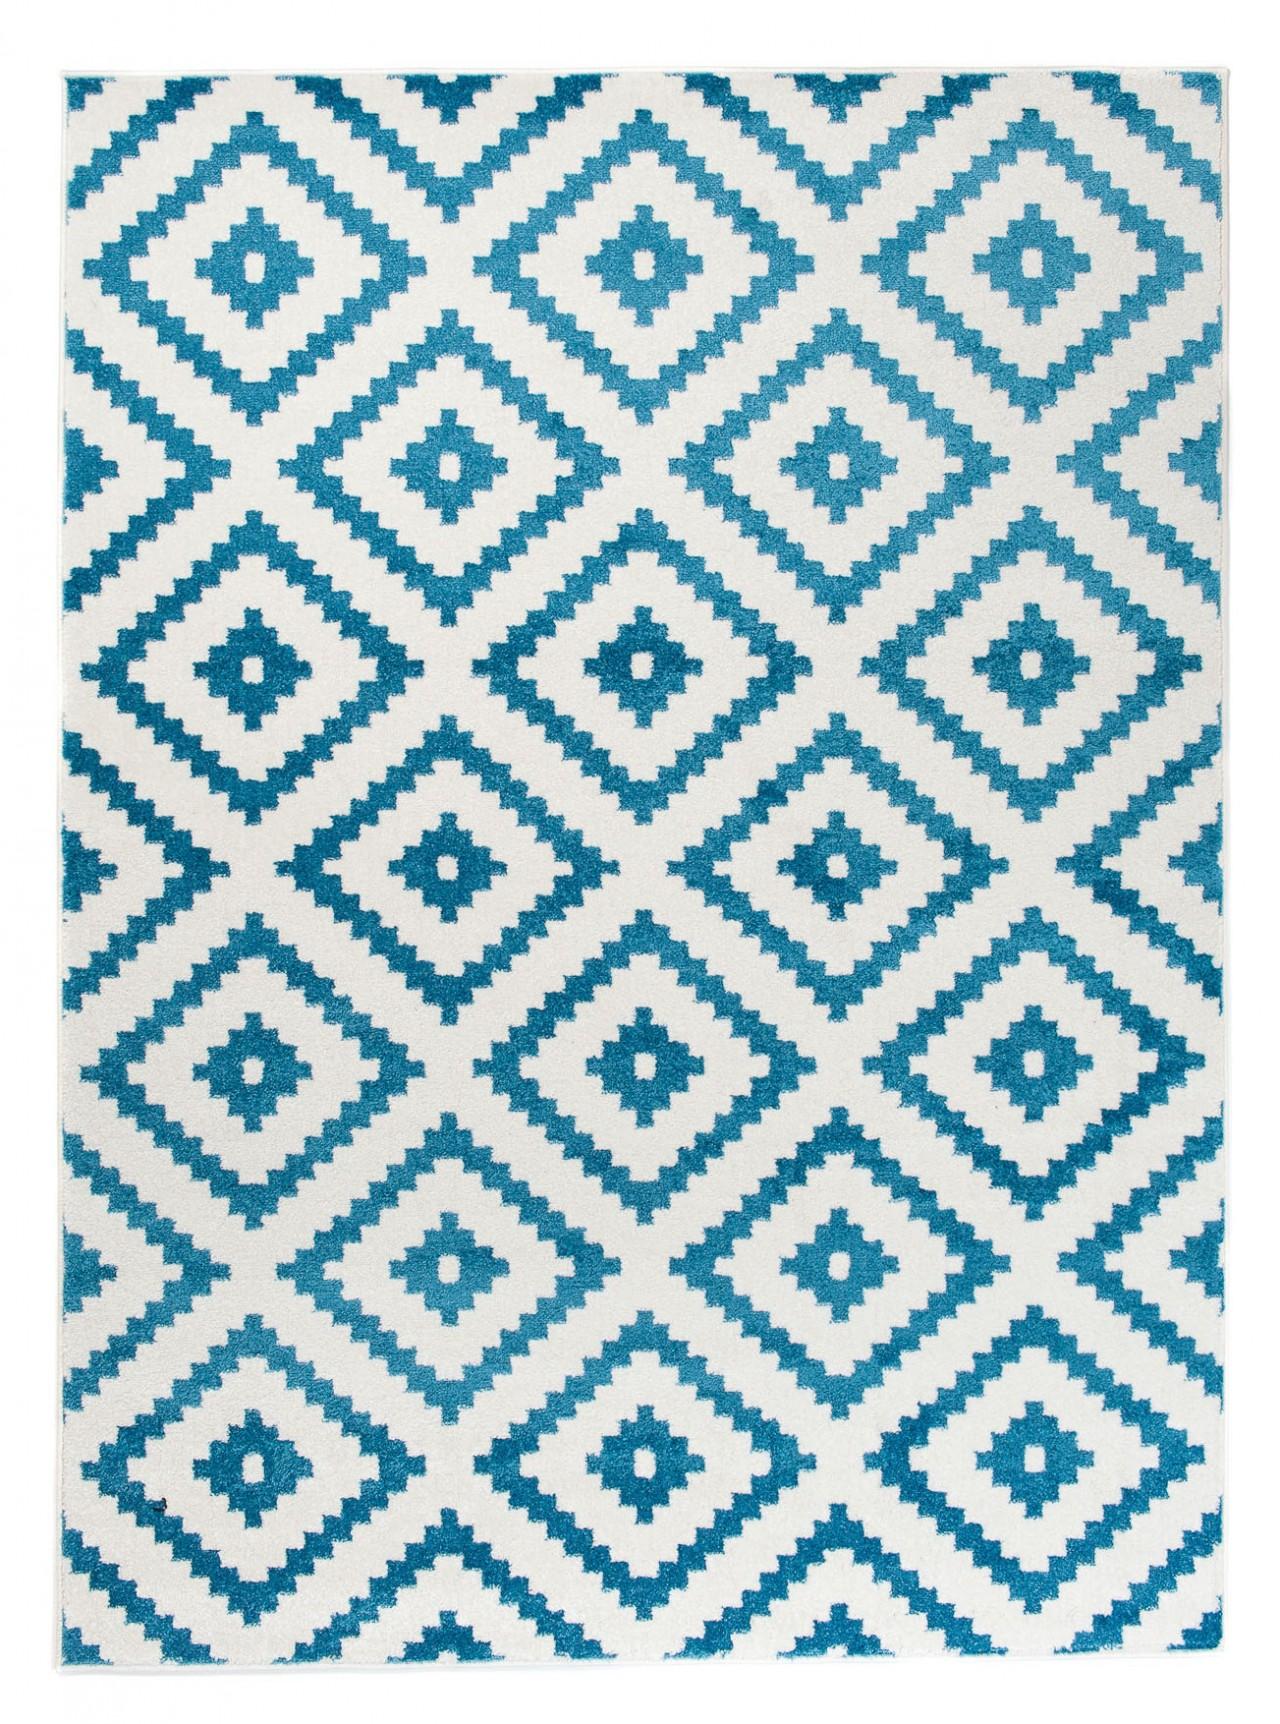 designer teppich wohnzimmer teppich kurzflor creme blau modern marokkanische muster online. Black Bedroom Furniture Sets. Home Design Ideas